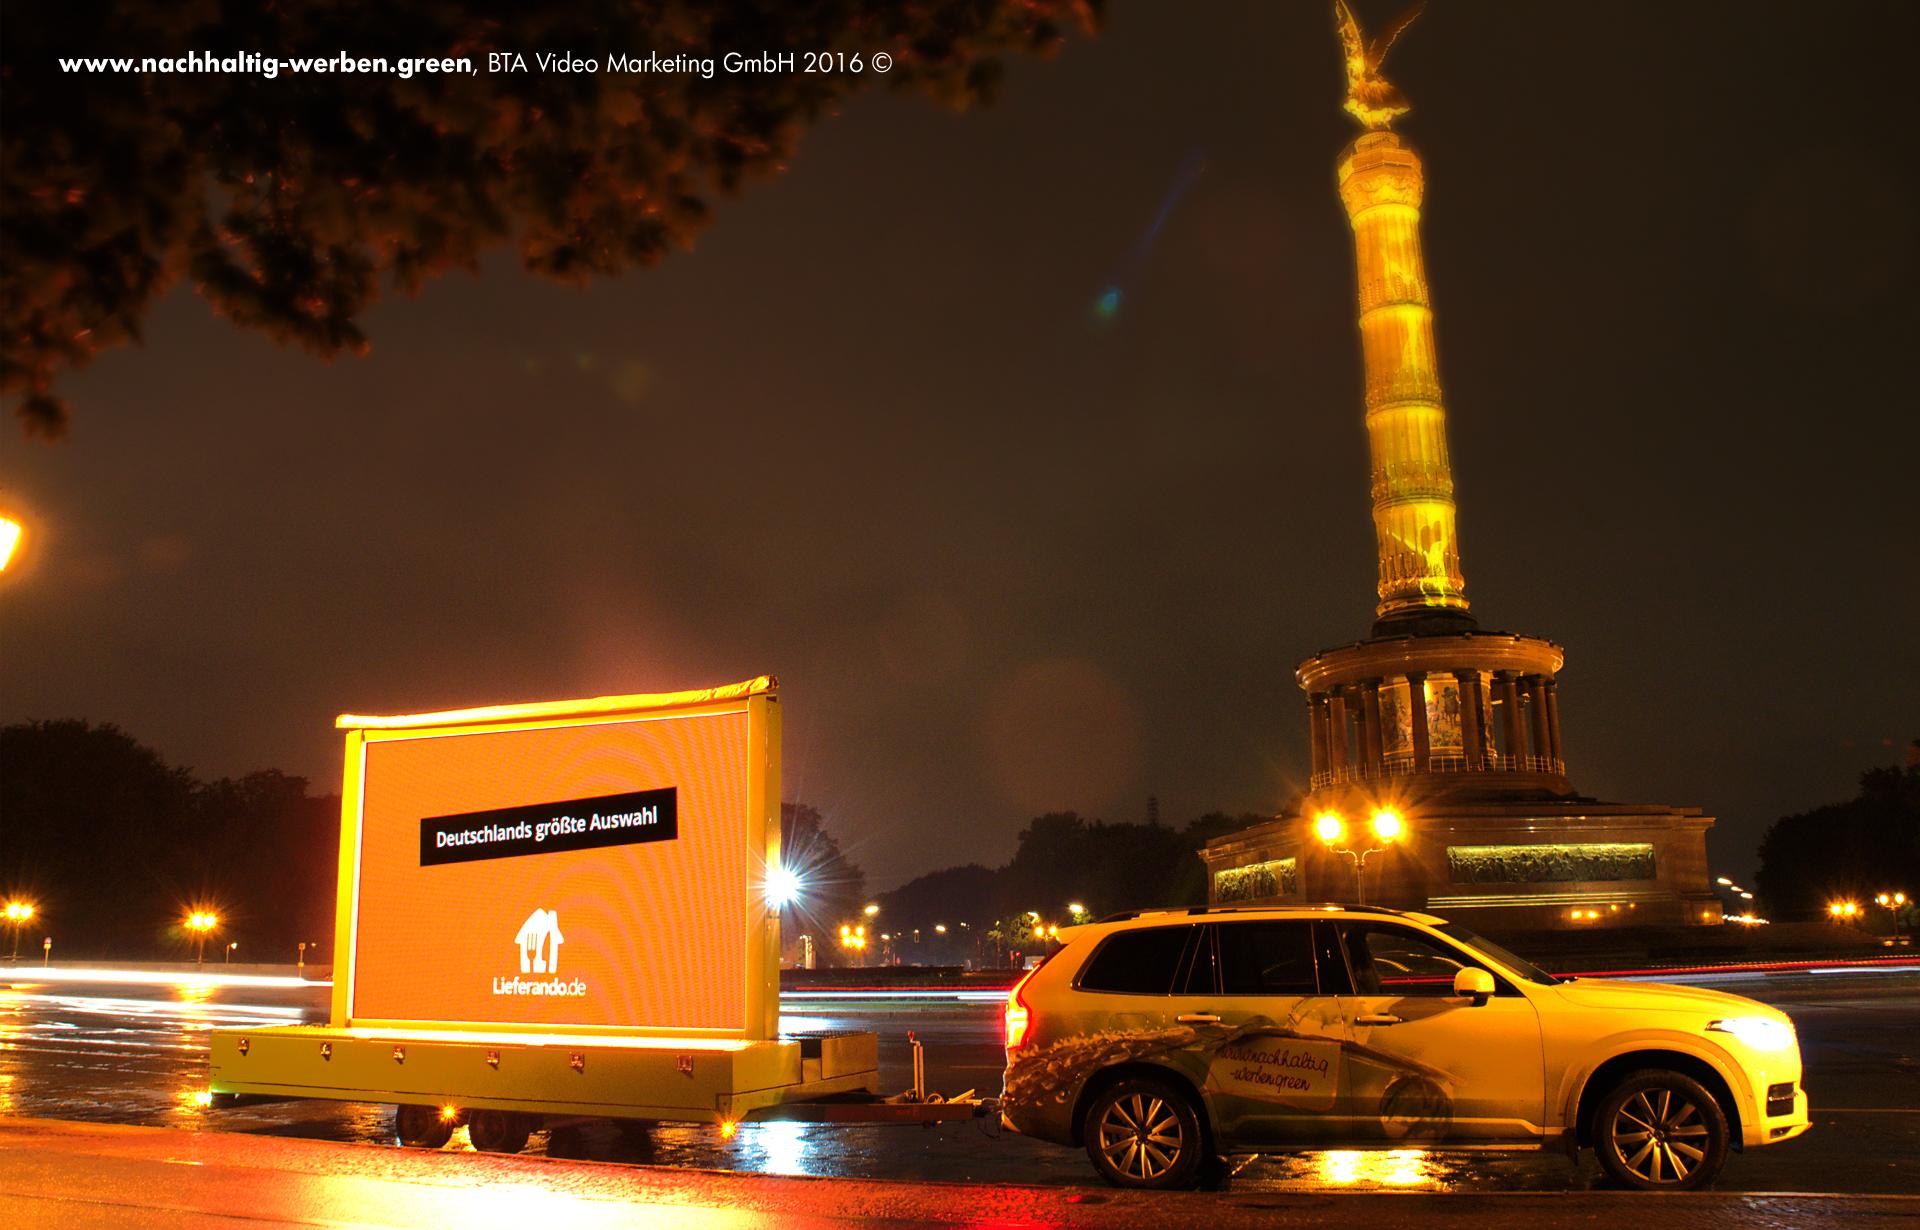 Mobile Lieferando Werbung in Berlin